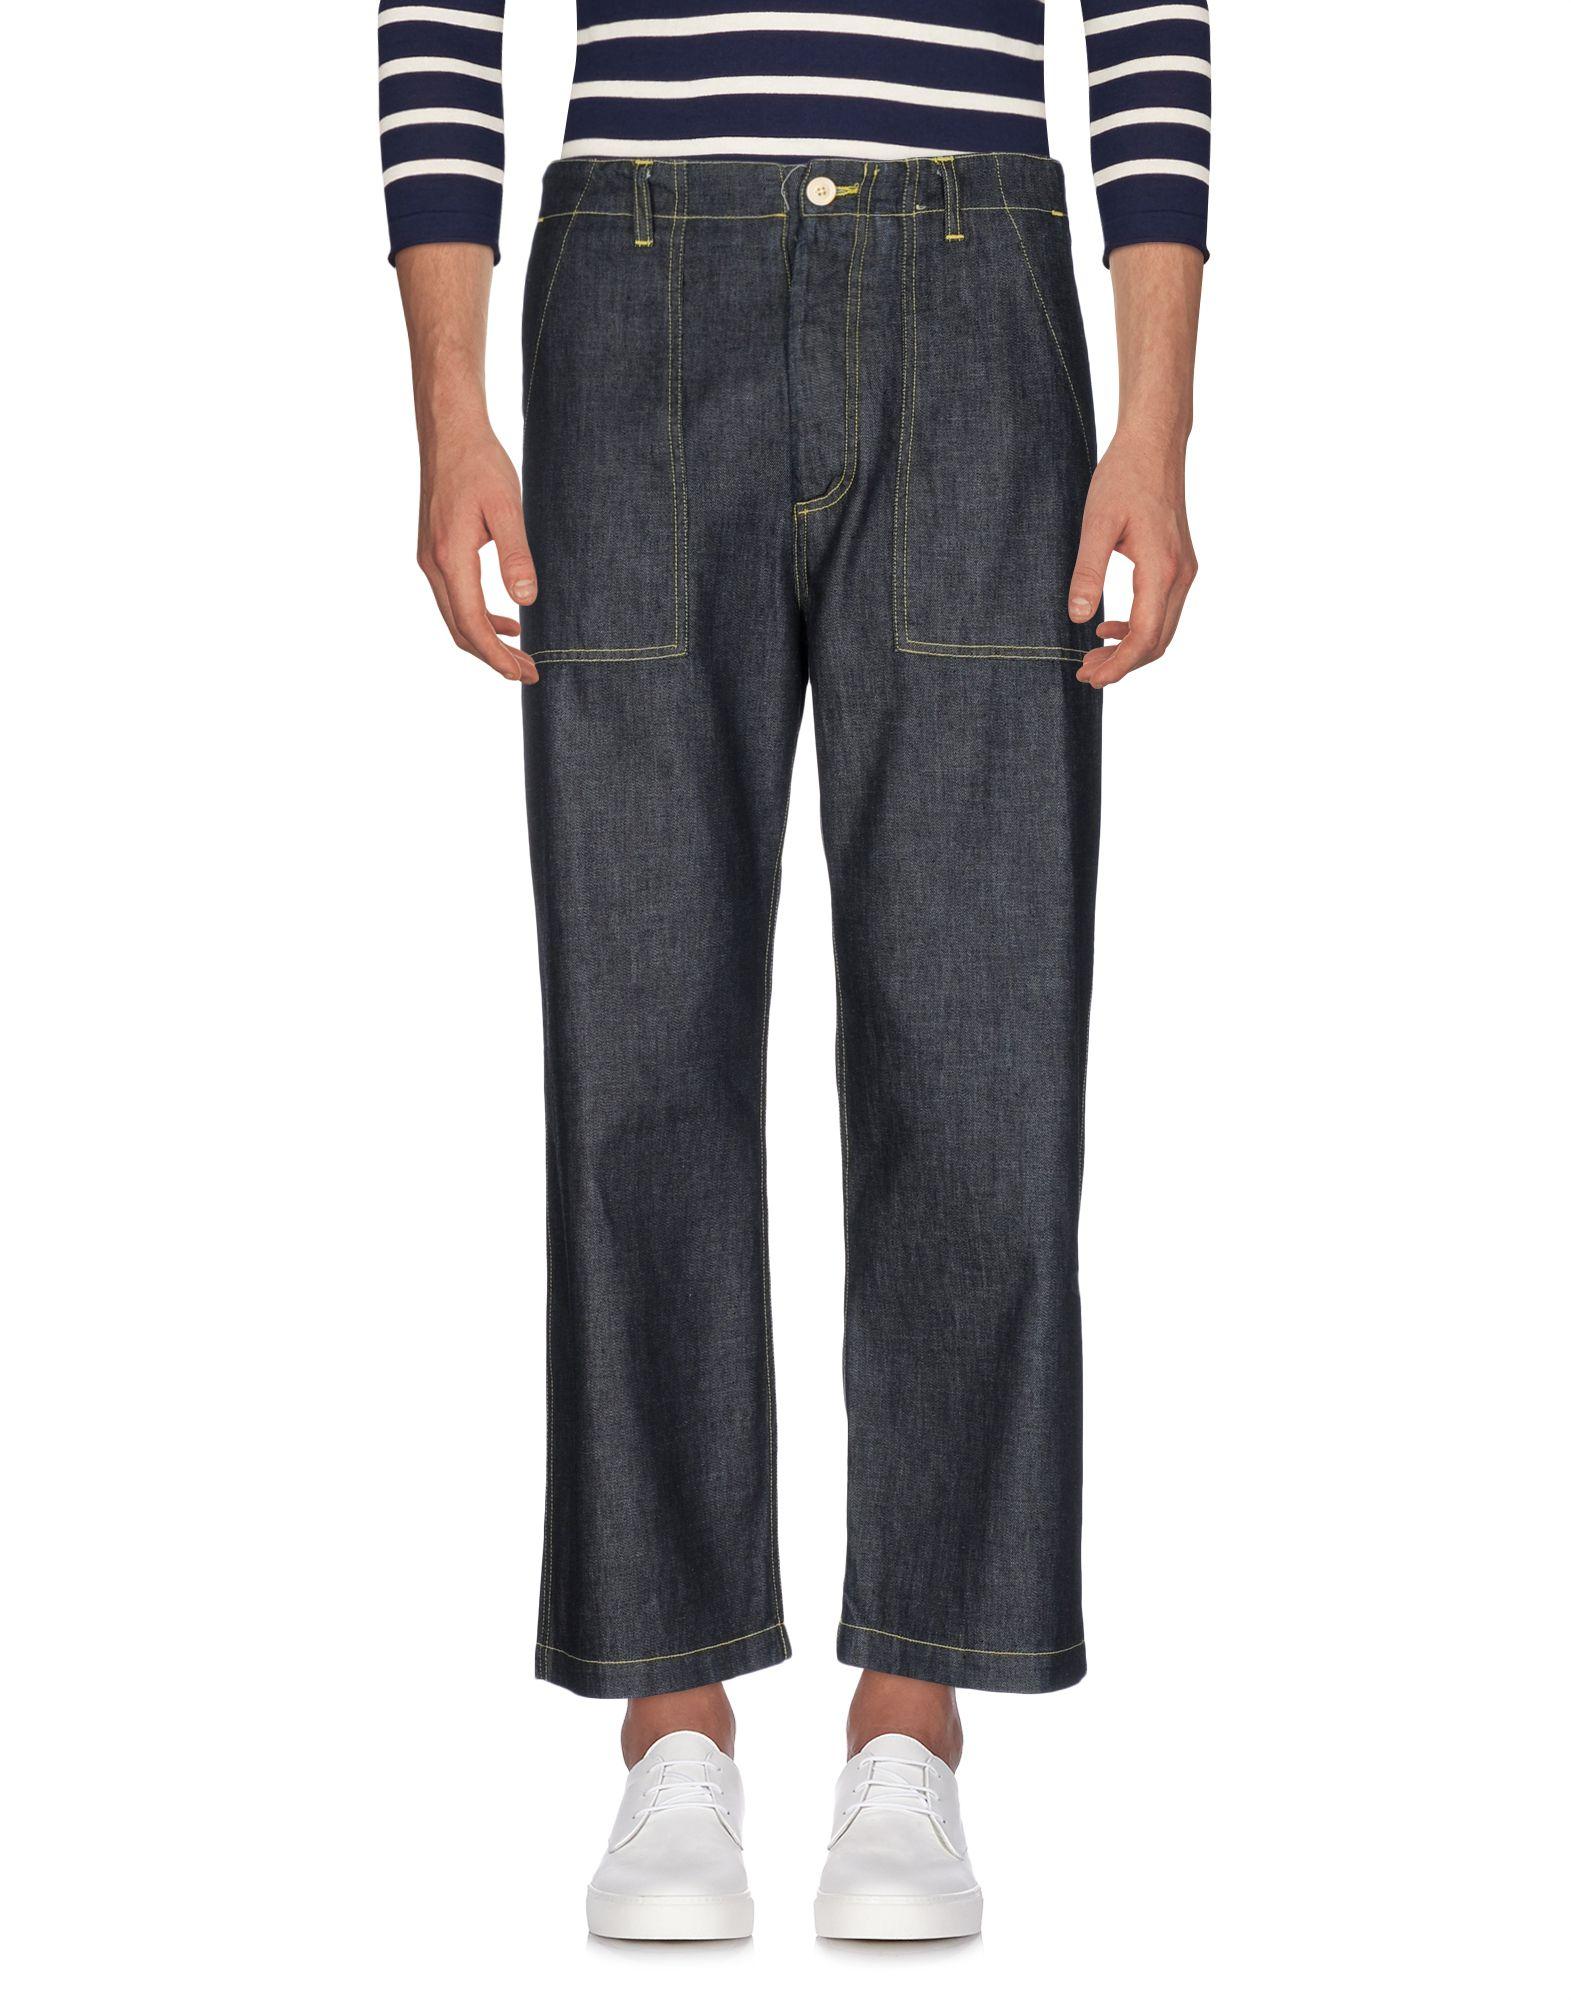 Pantaloni (+) Jeans (+) Pantaloni People Uomo - 42635459MX 8470f0